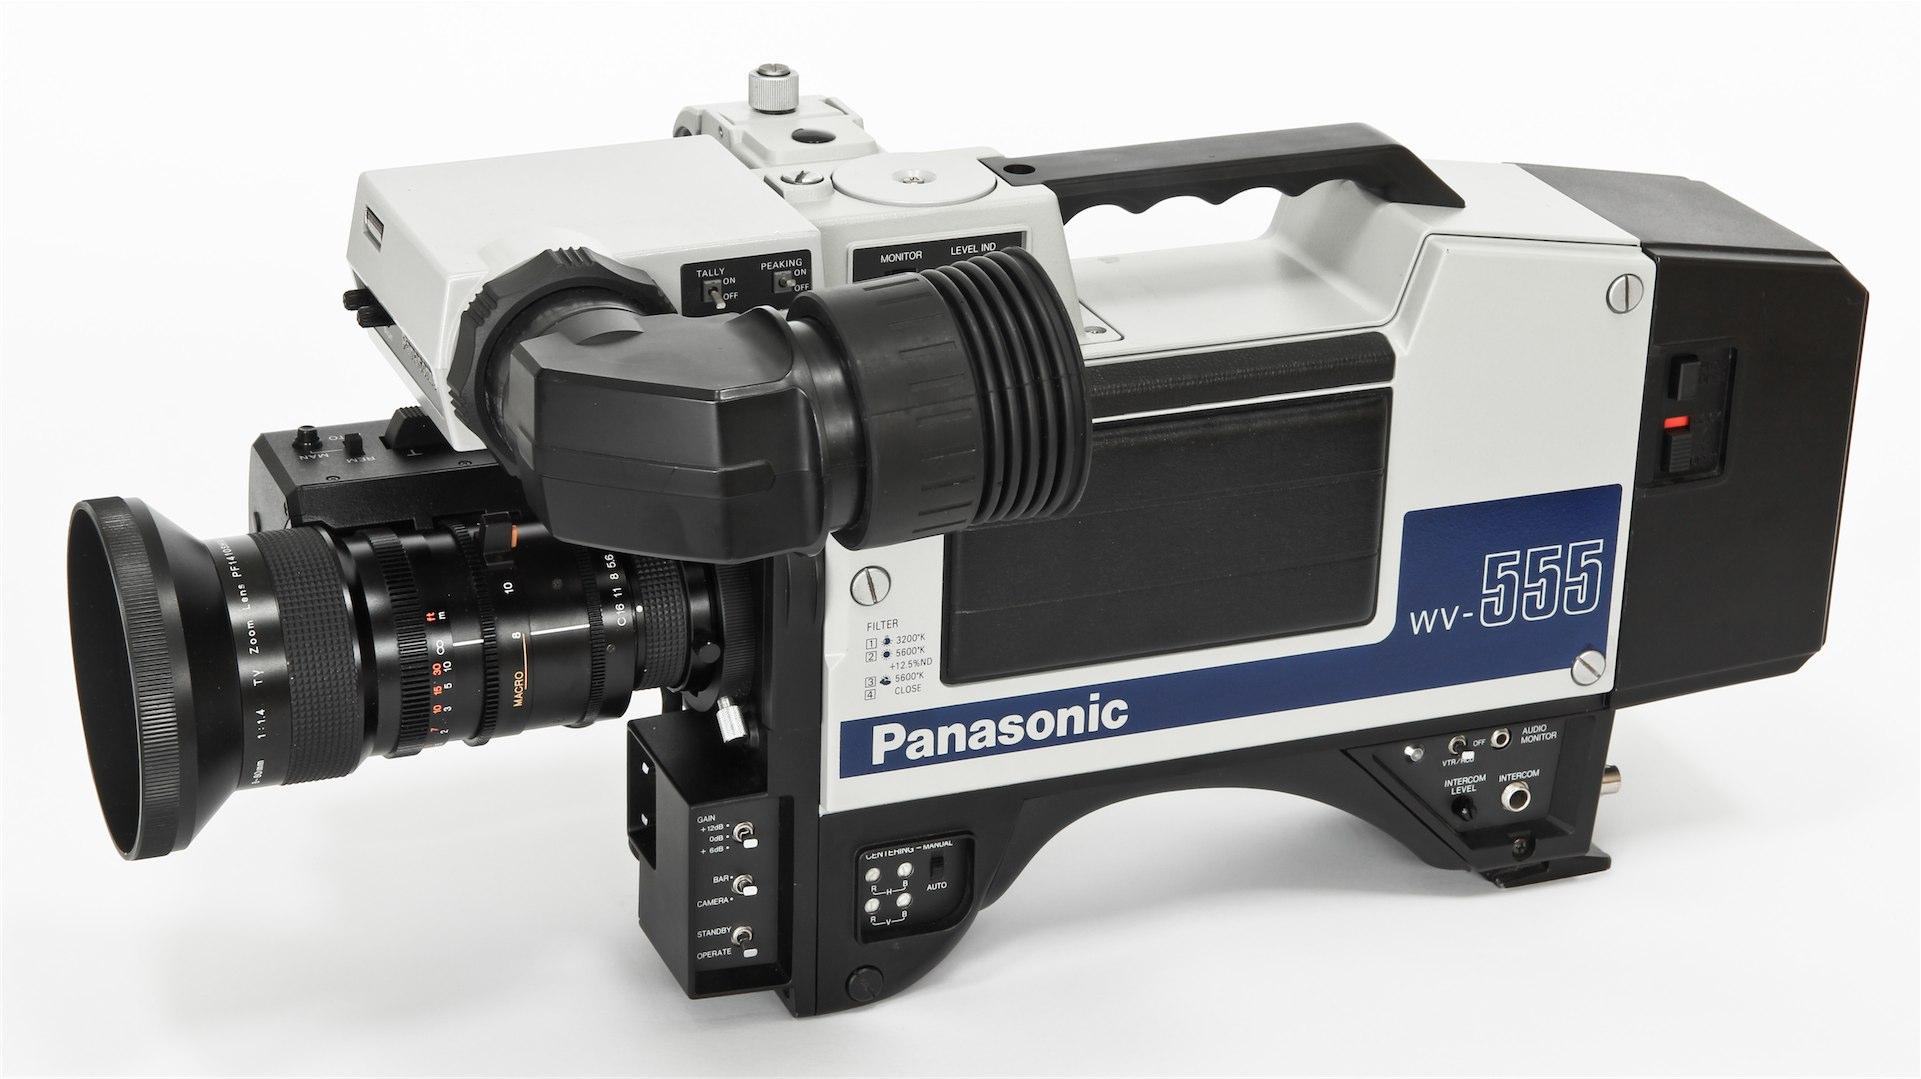 Panasonic WV-555